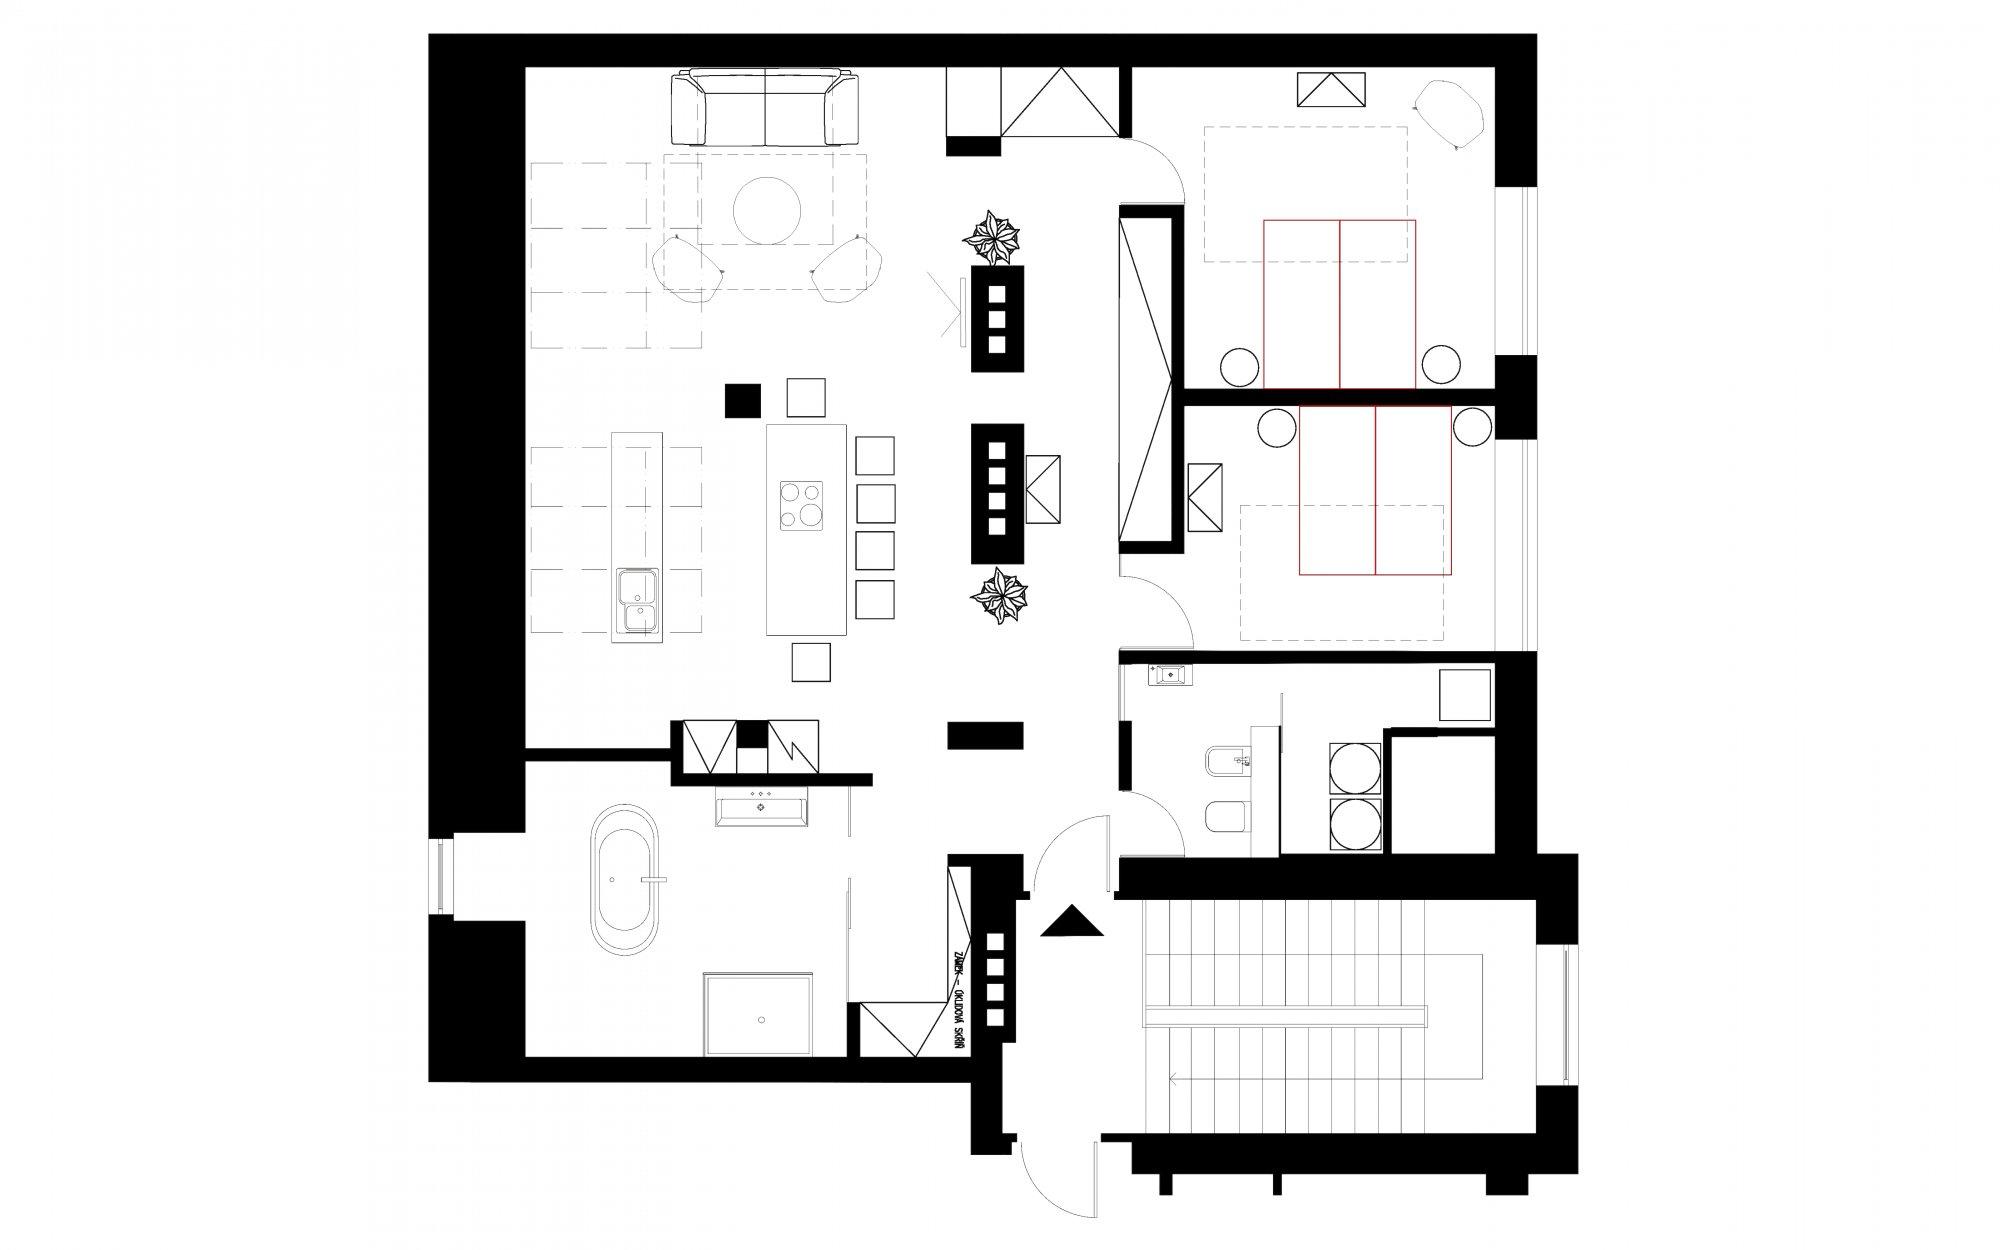 Půdorys - Půdní byt 3+kk, plocha 115 m², ulice Zlatnická, Praha 1 - Nové Město